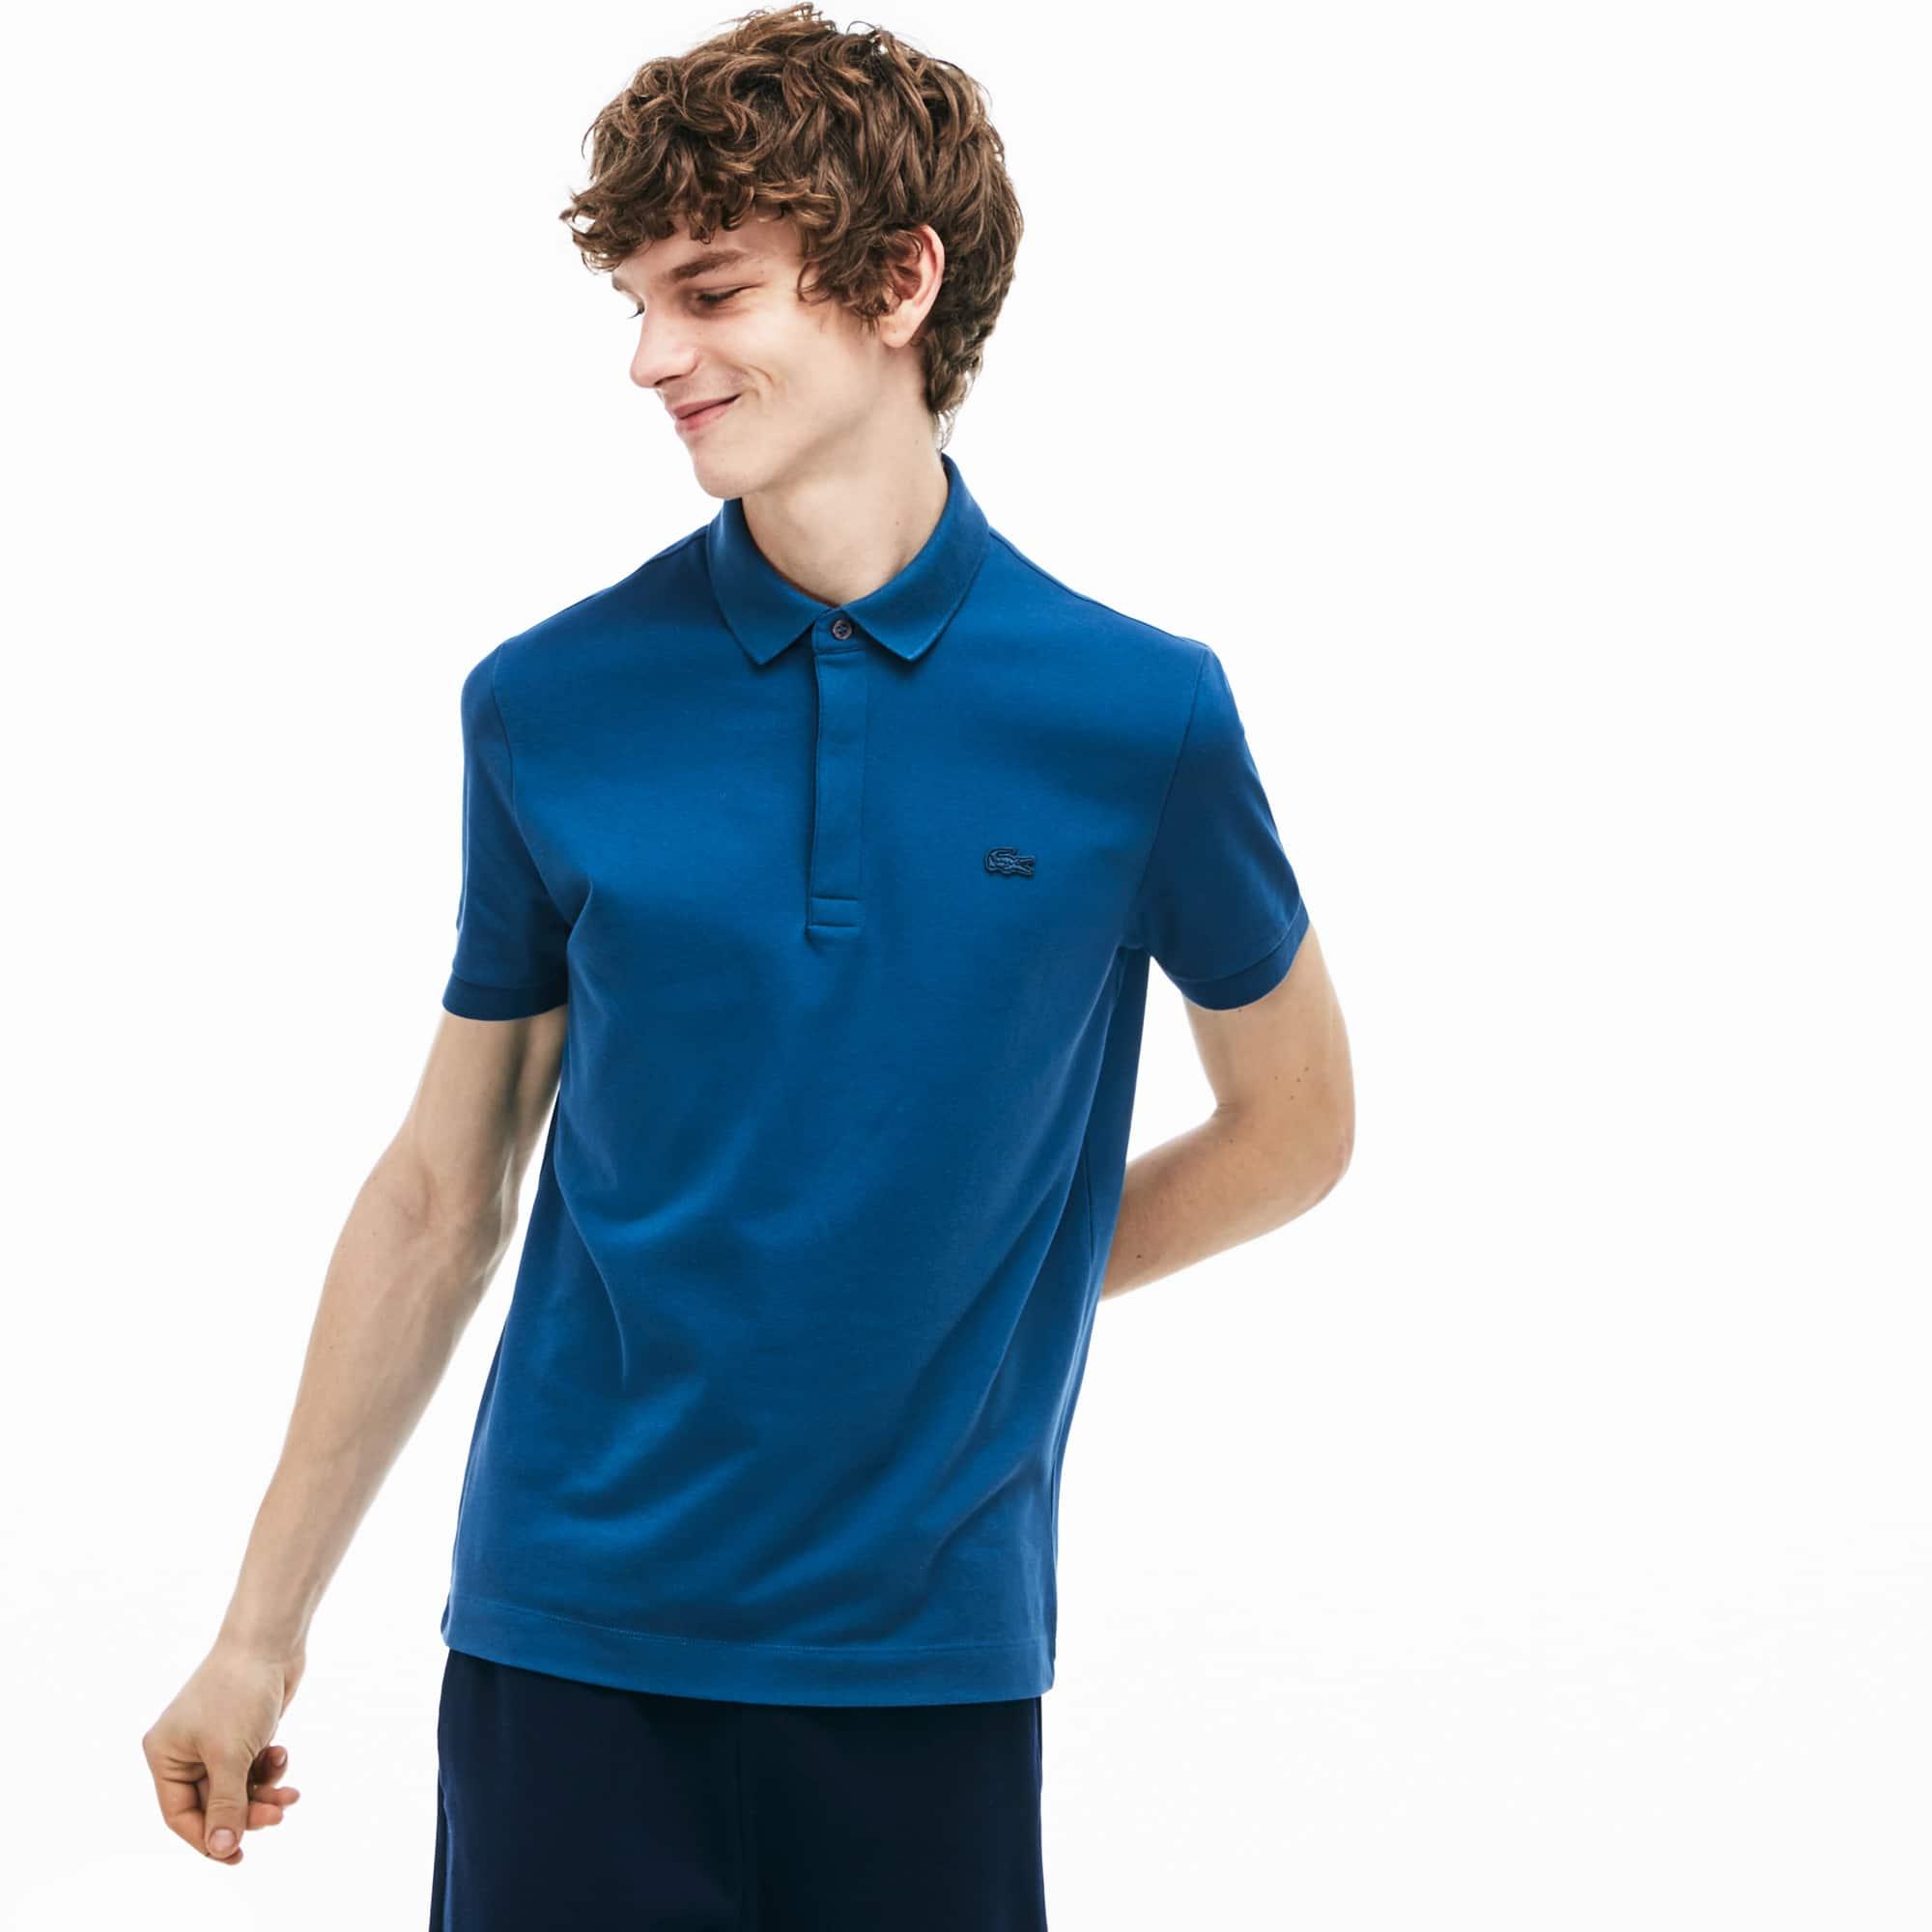 d6eeb73132 Men's Lacoste Paris Polo Shirt Regular Fit Stretch Cotton Piqué ...